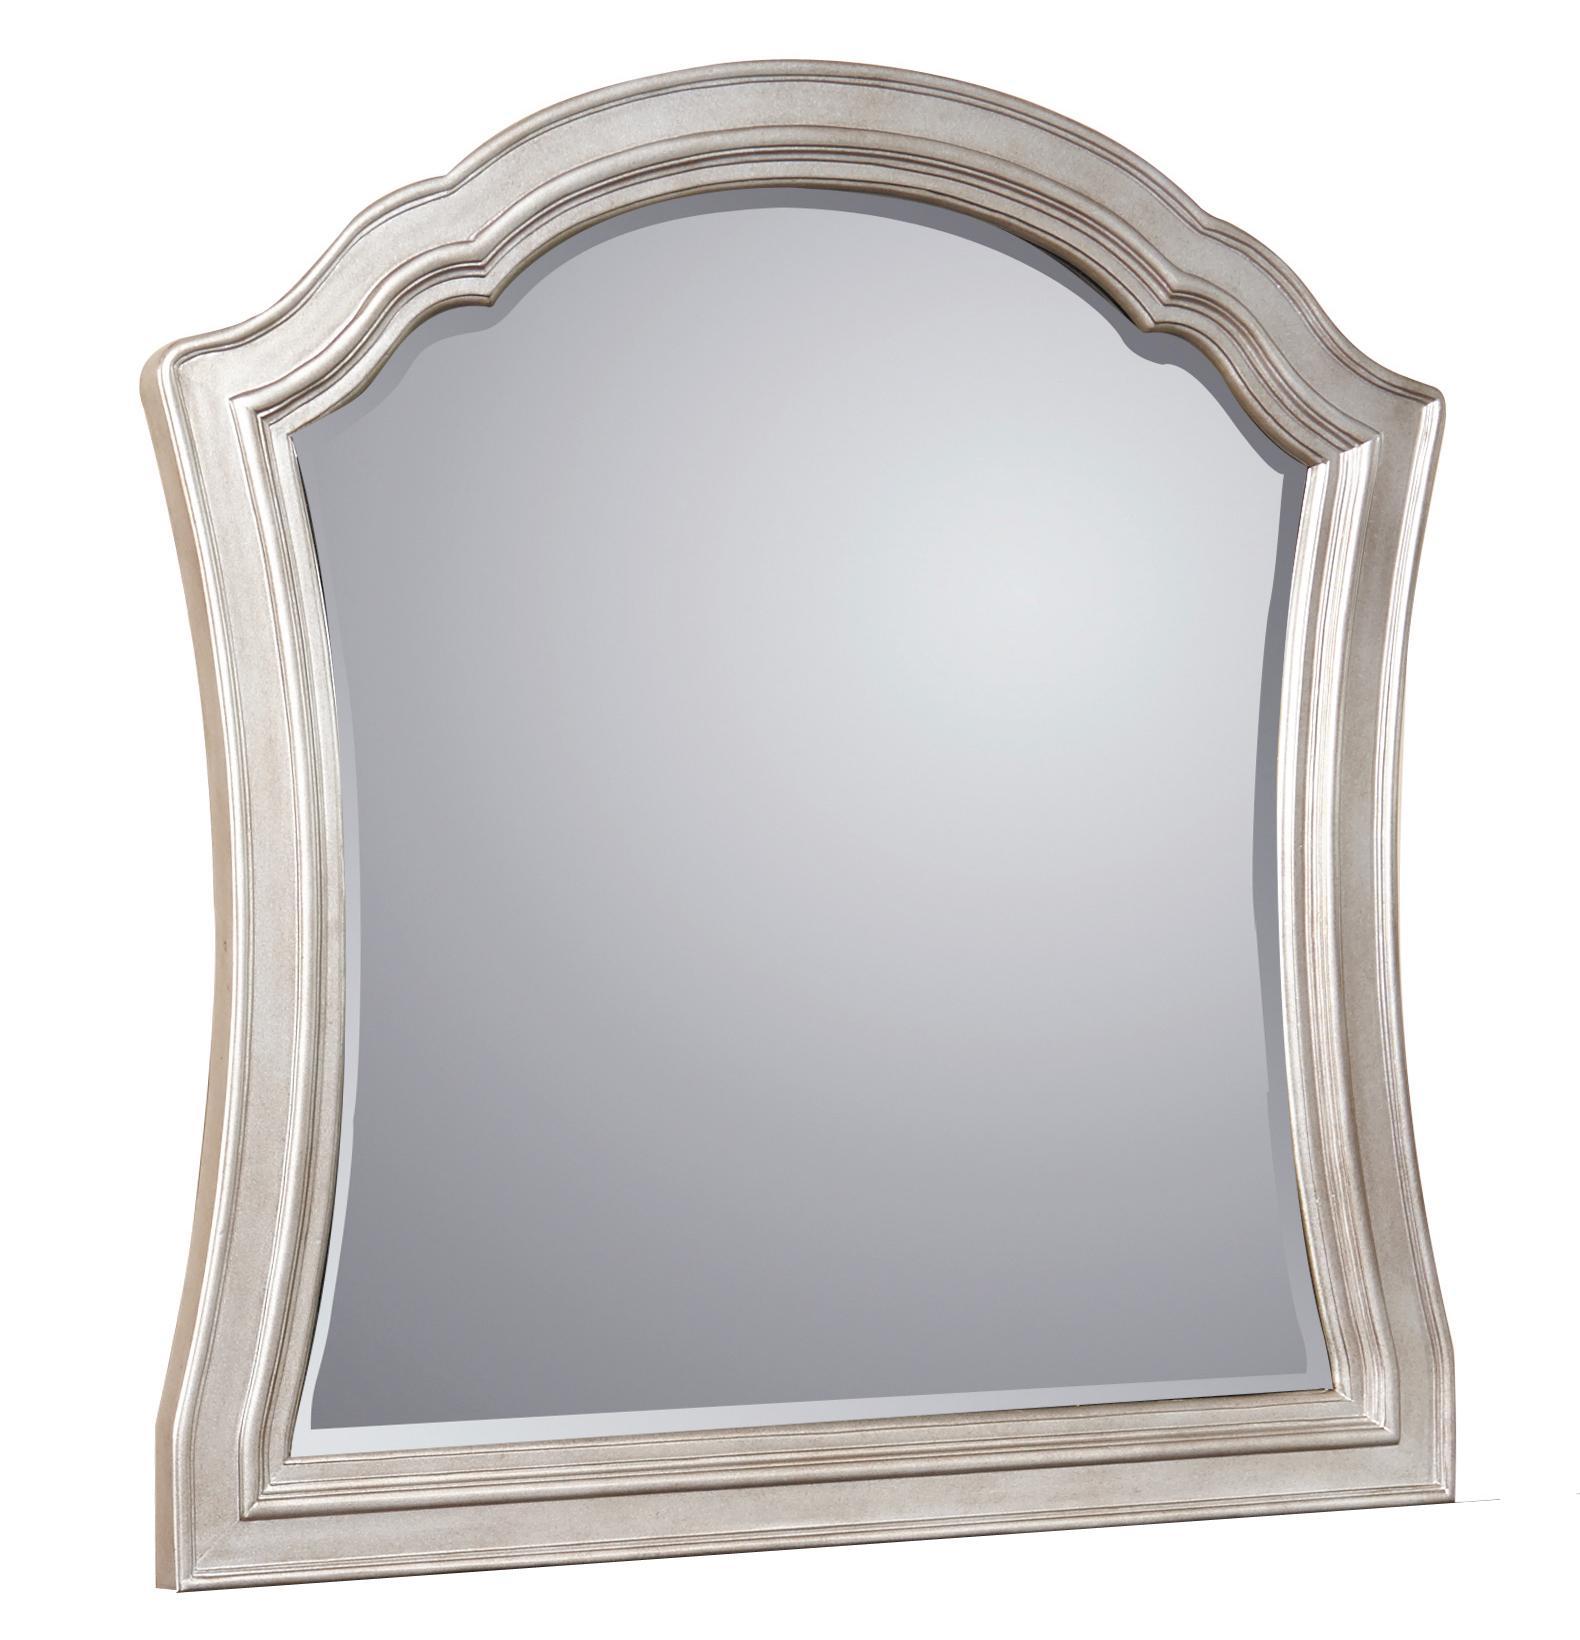 Morris Home Furnishings Georgia Georgia Mirror - Item Number: 8688-430